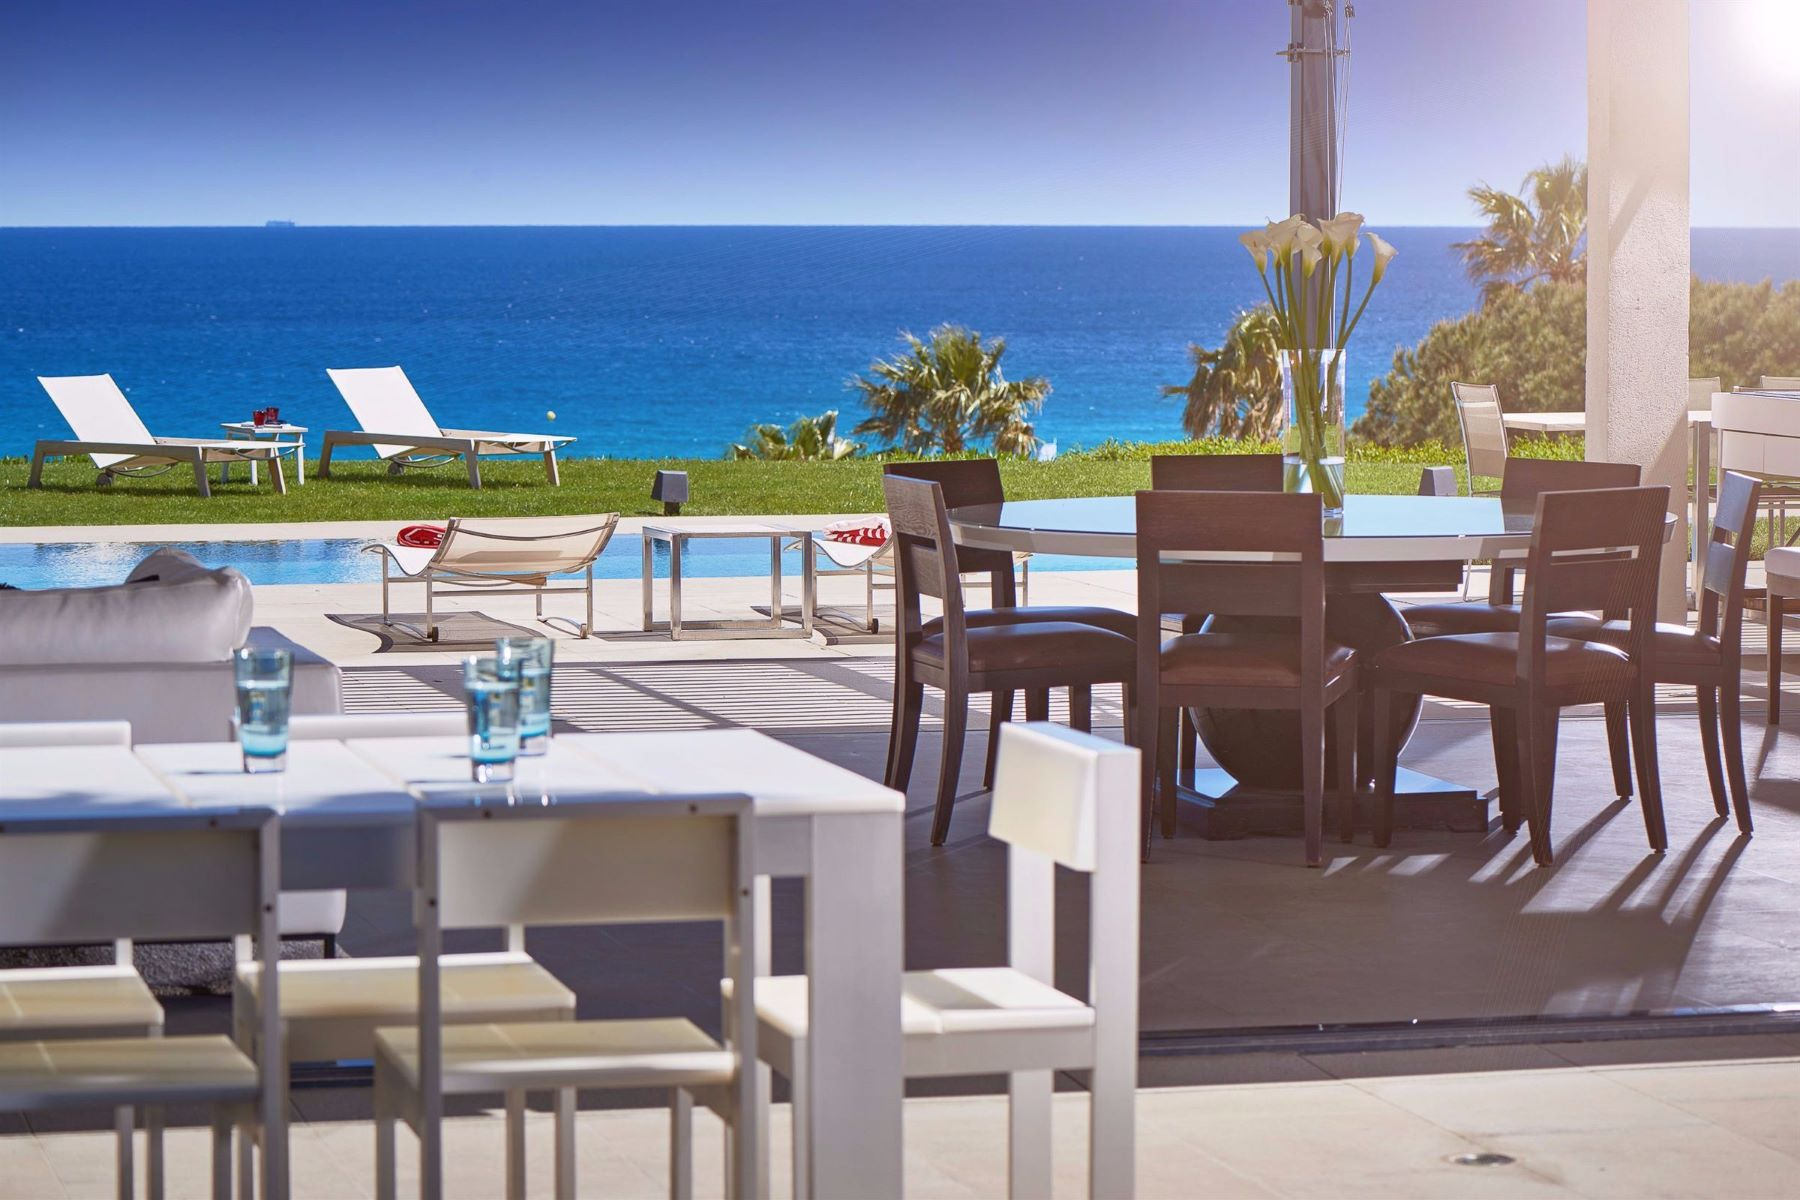 Single Family Homes por un Venta en For sale : Contemporary property, panoramic sea views, Ramatuelle Ramatuelle, Provincia - Alpes - Costa Azul 83350 Francia